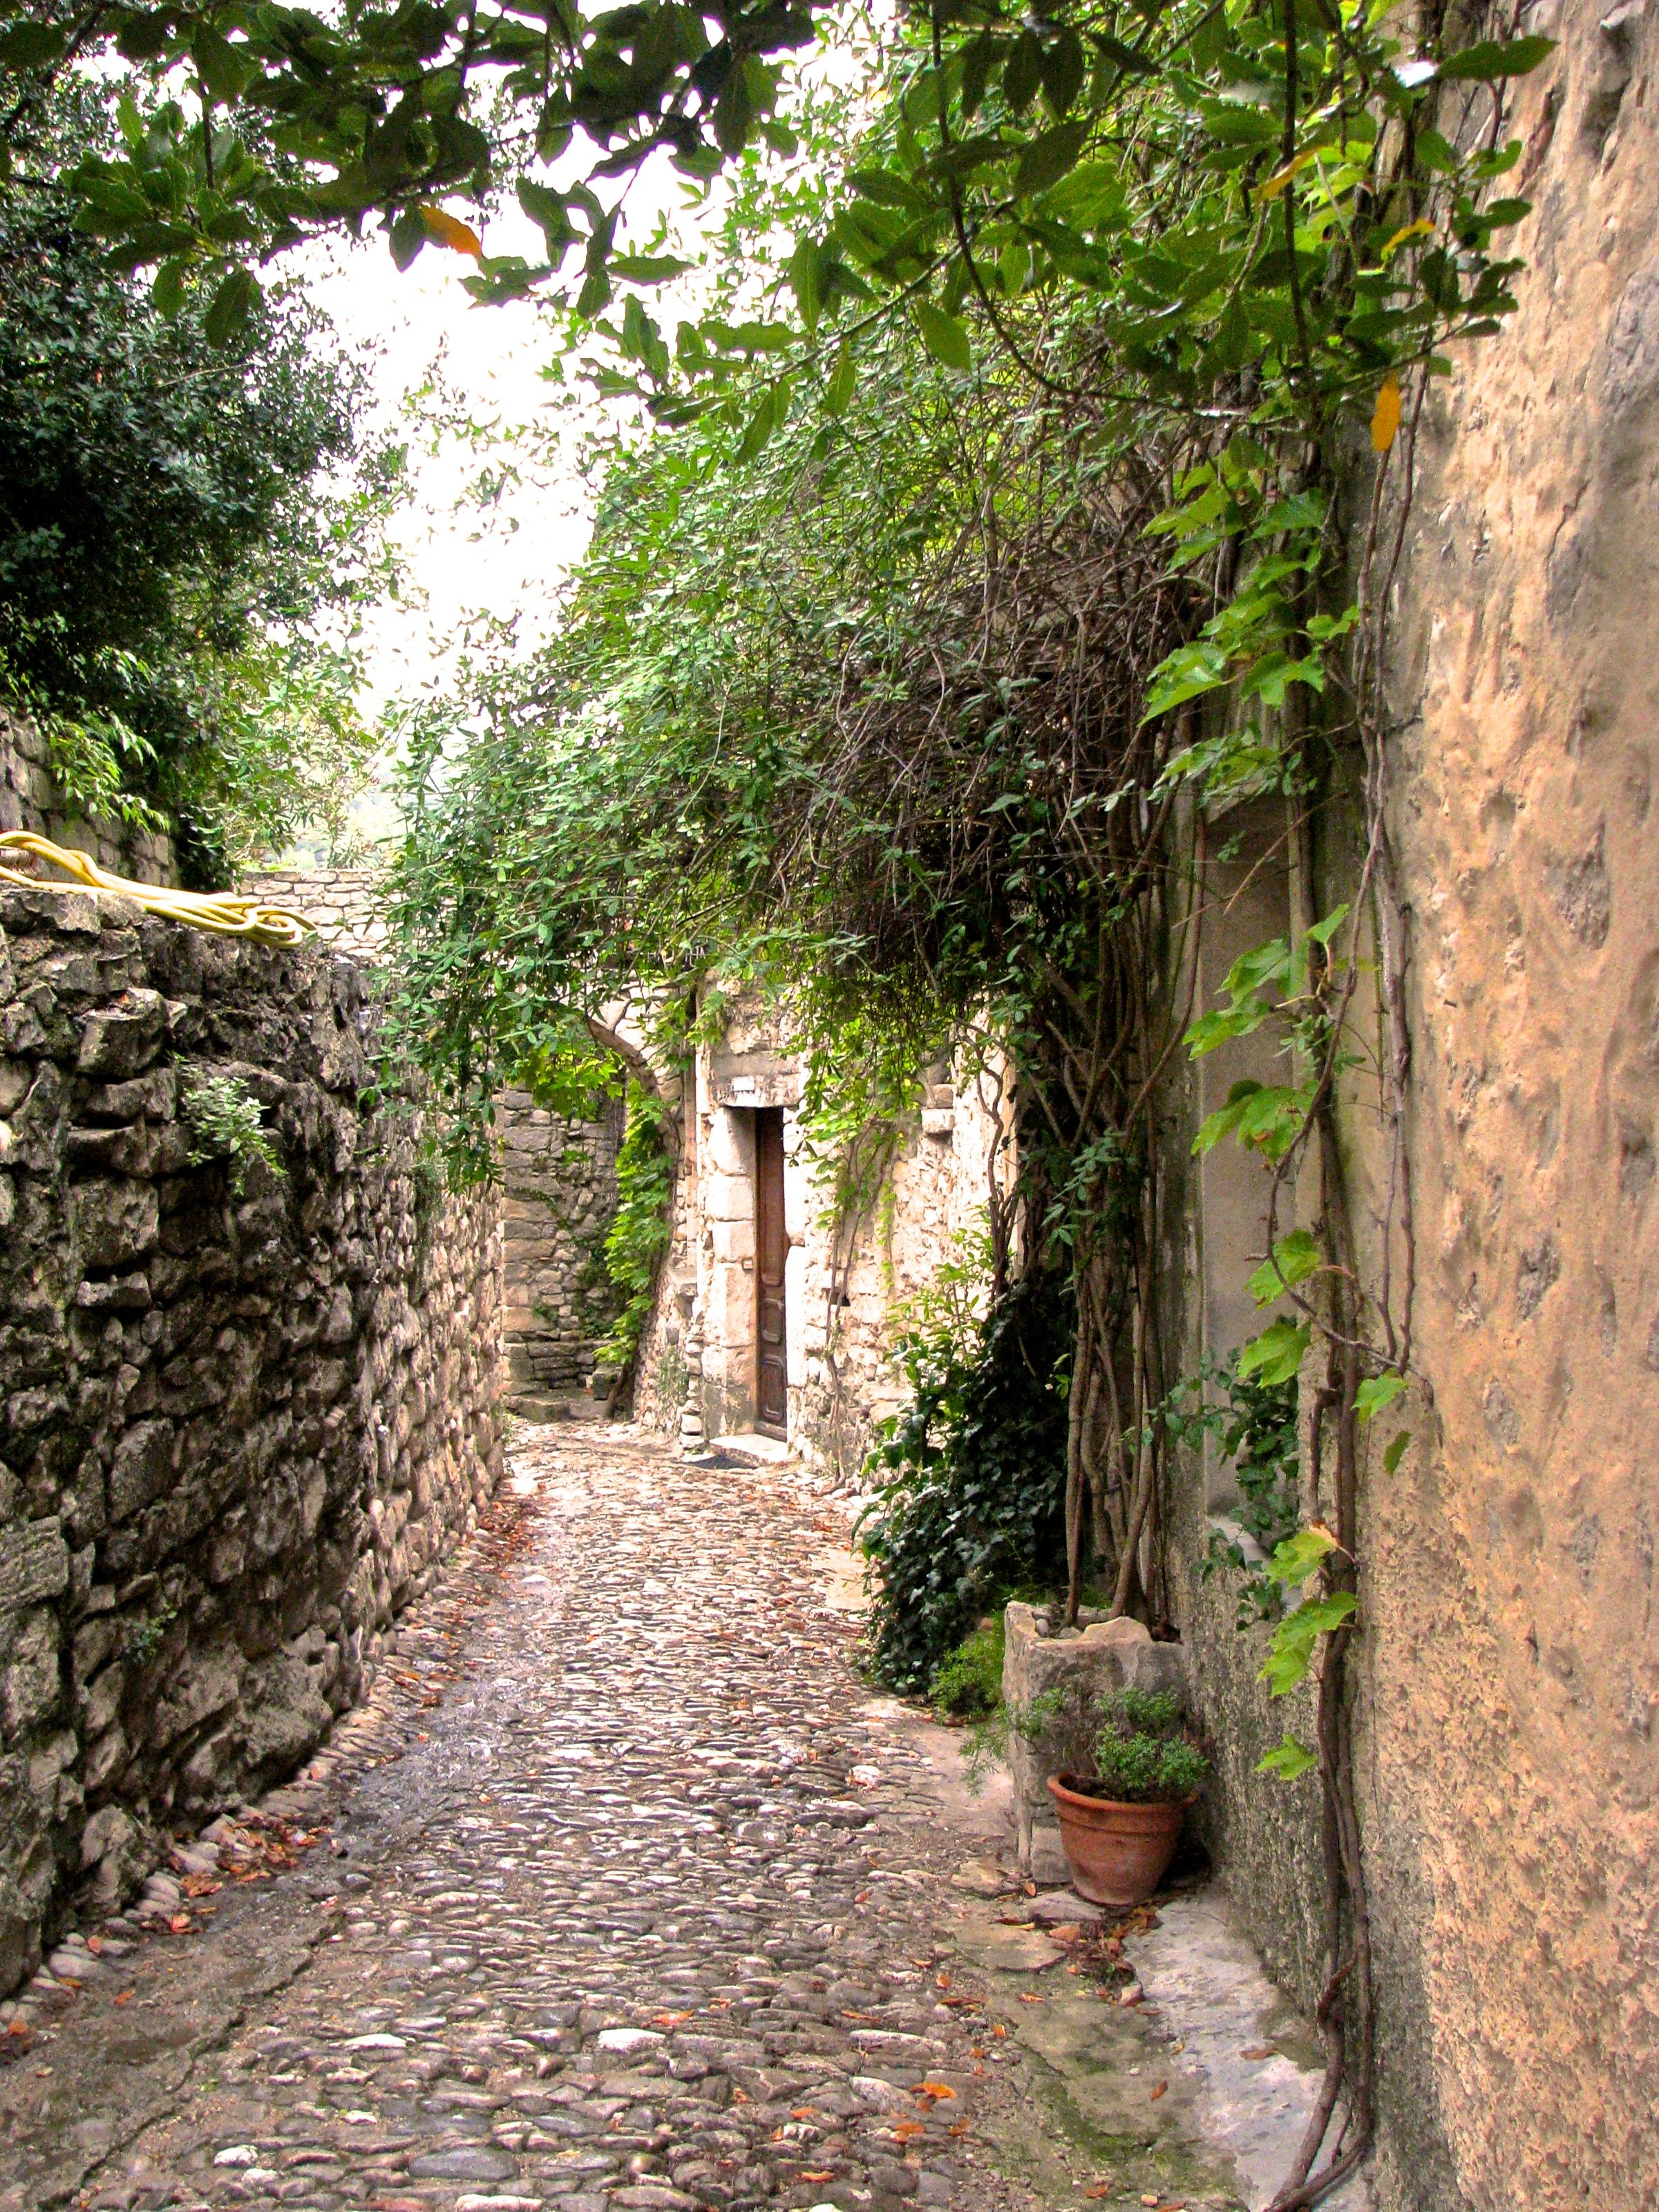 Séguret, France